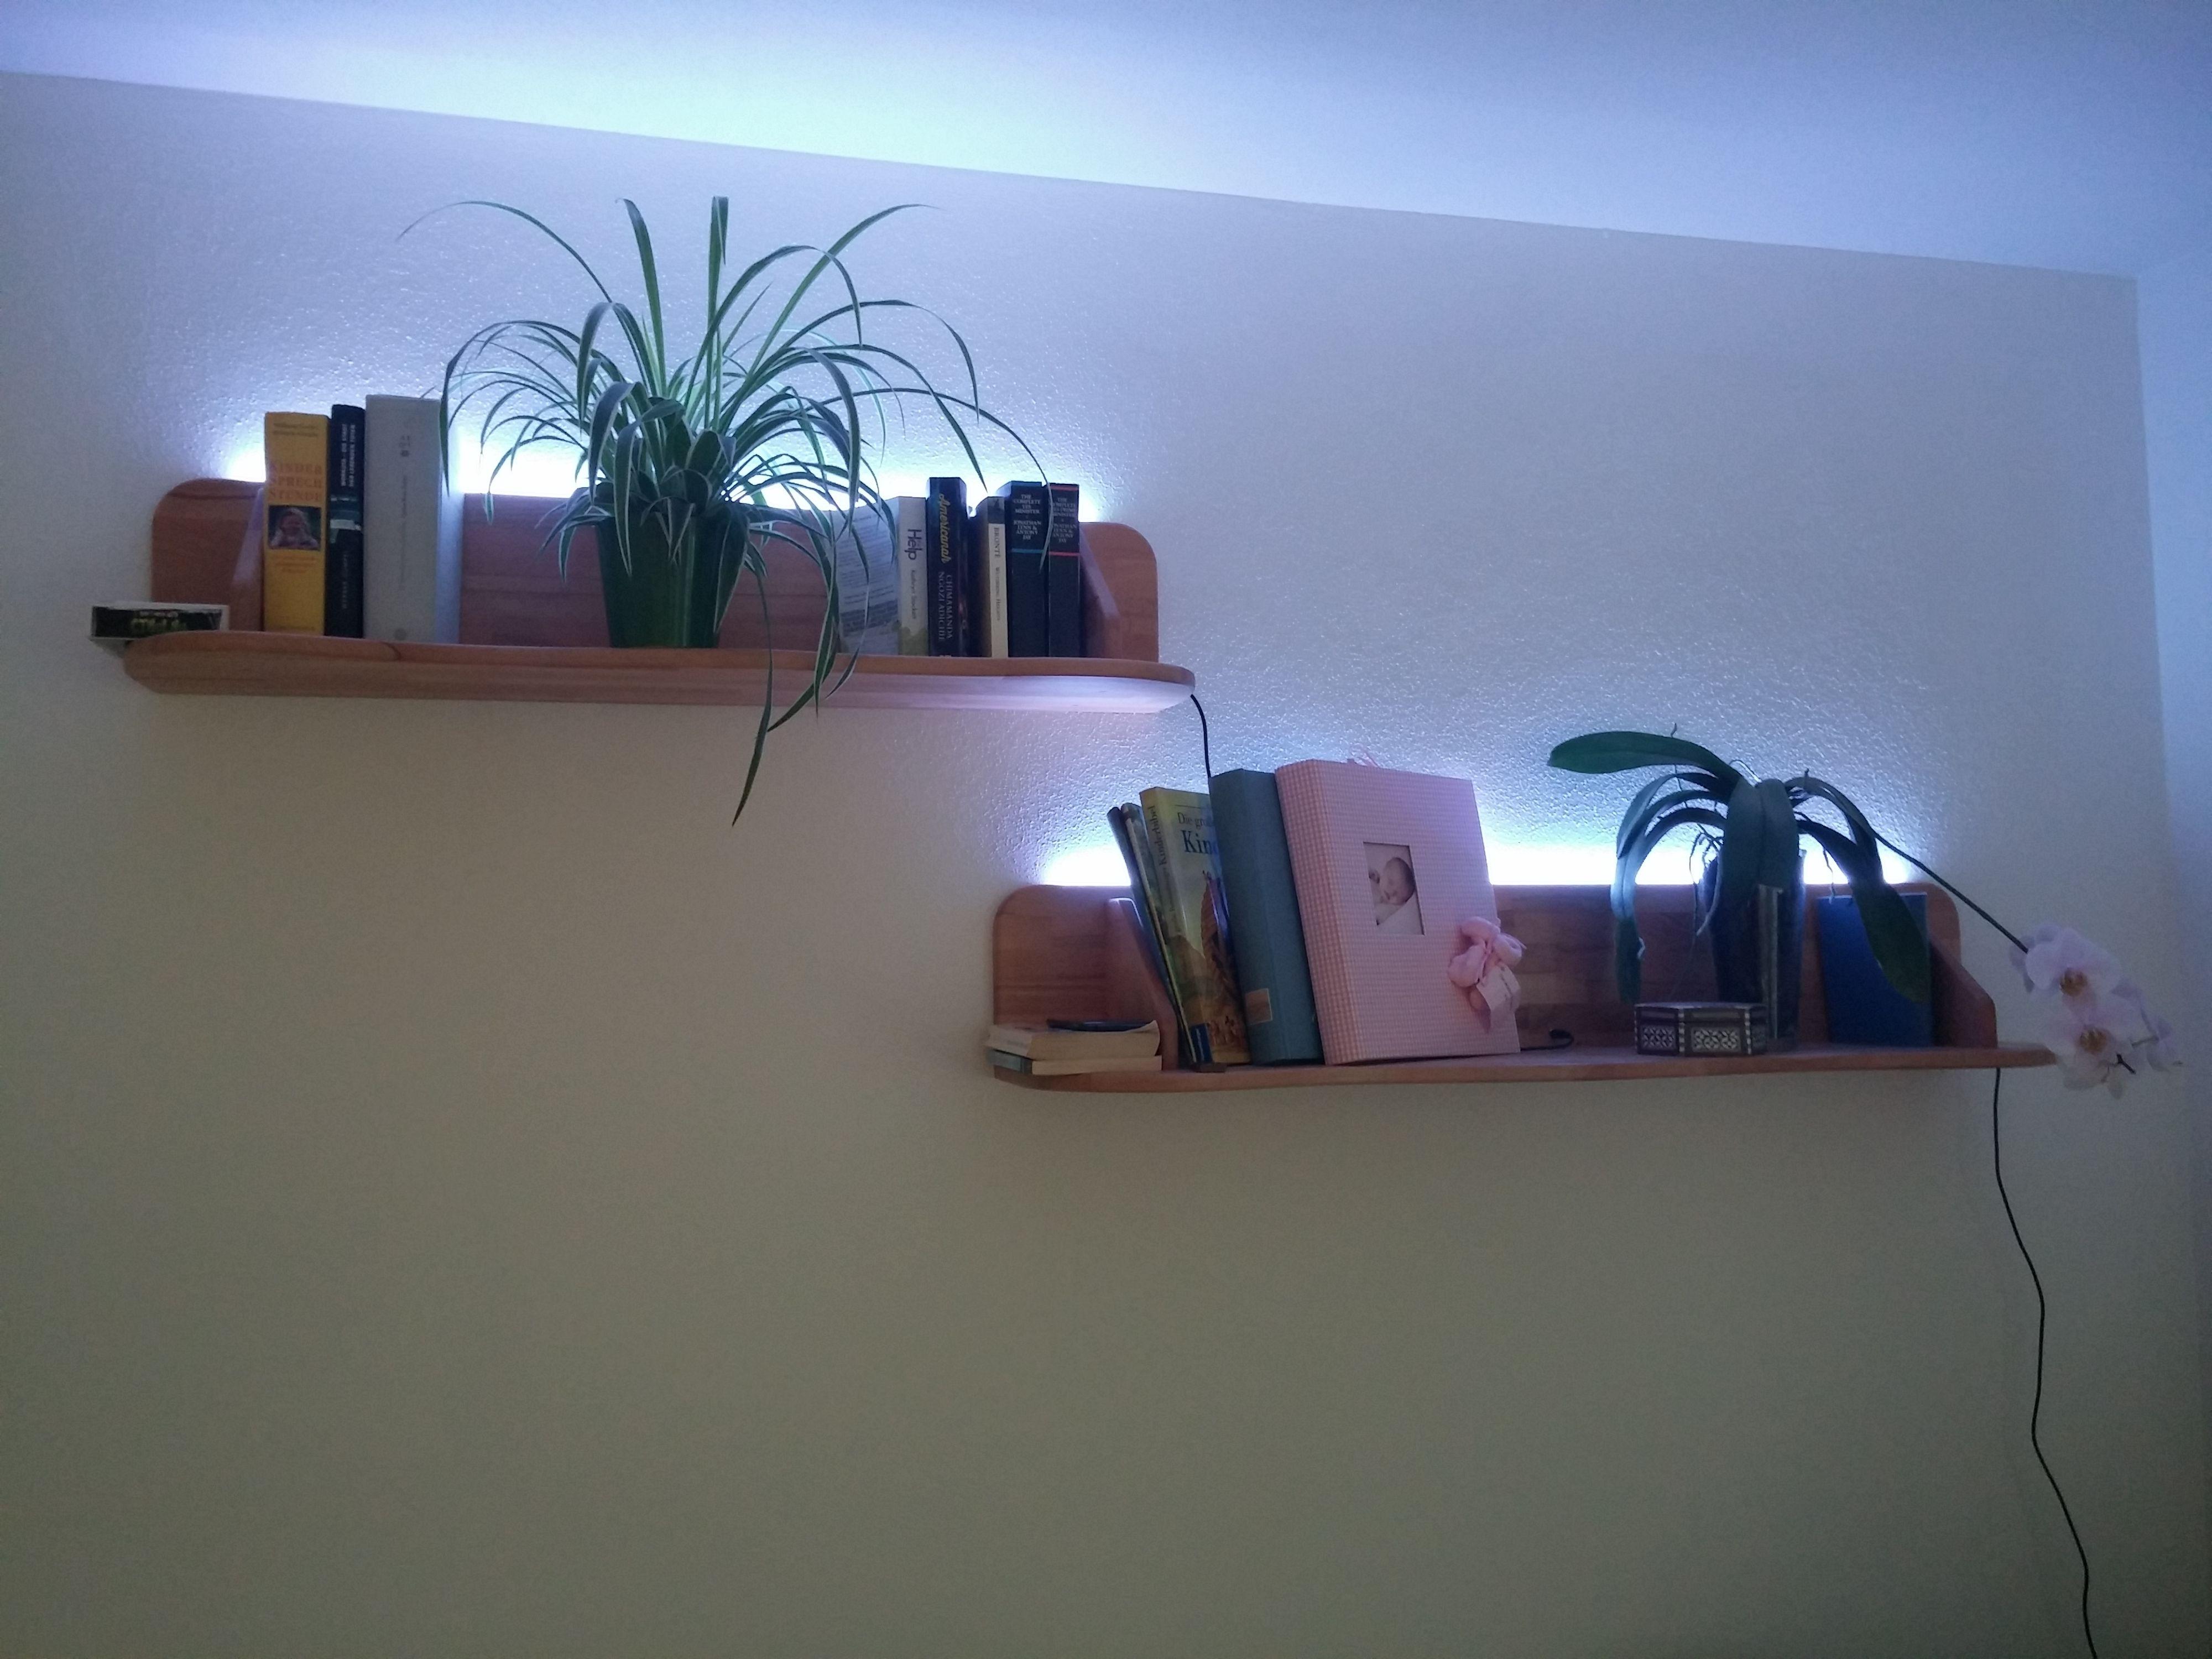 Wandregal Mit Indirekter Beleuchtung Bauanleitung Zum Selber Bauen Indirekte Beleuchtung Wandregal Regal